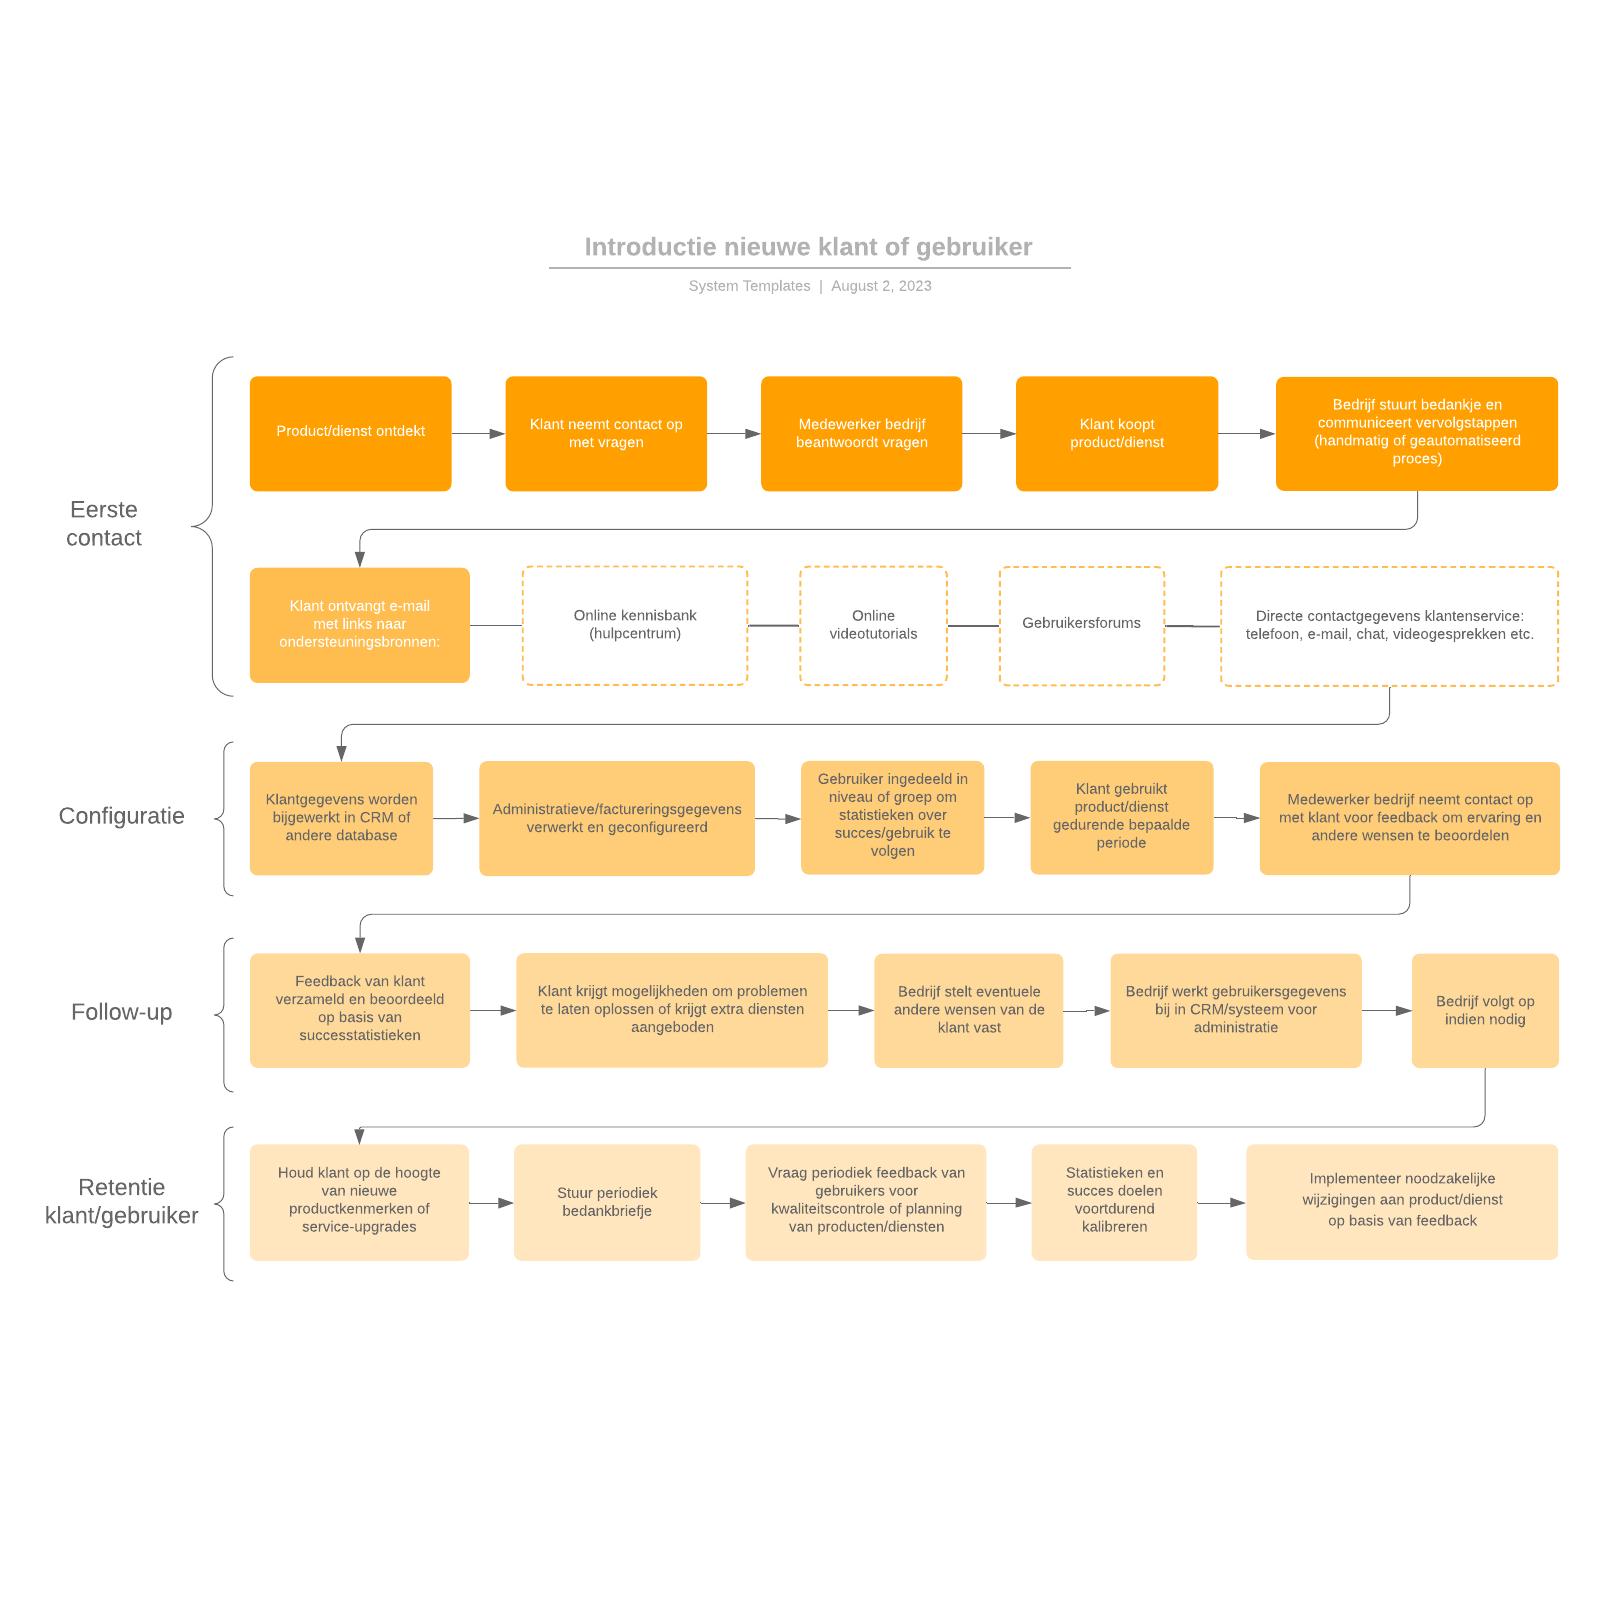 Introductie nieuwe klant of gebruiker